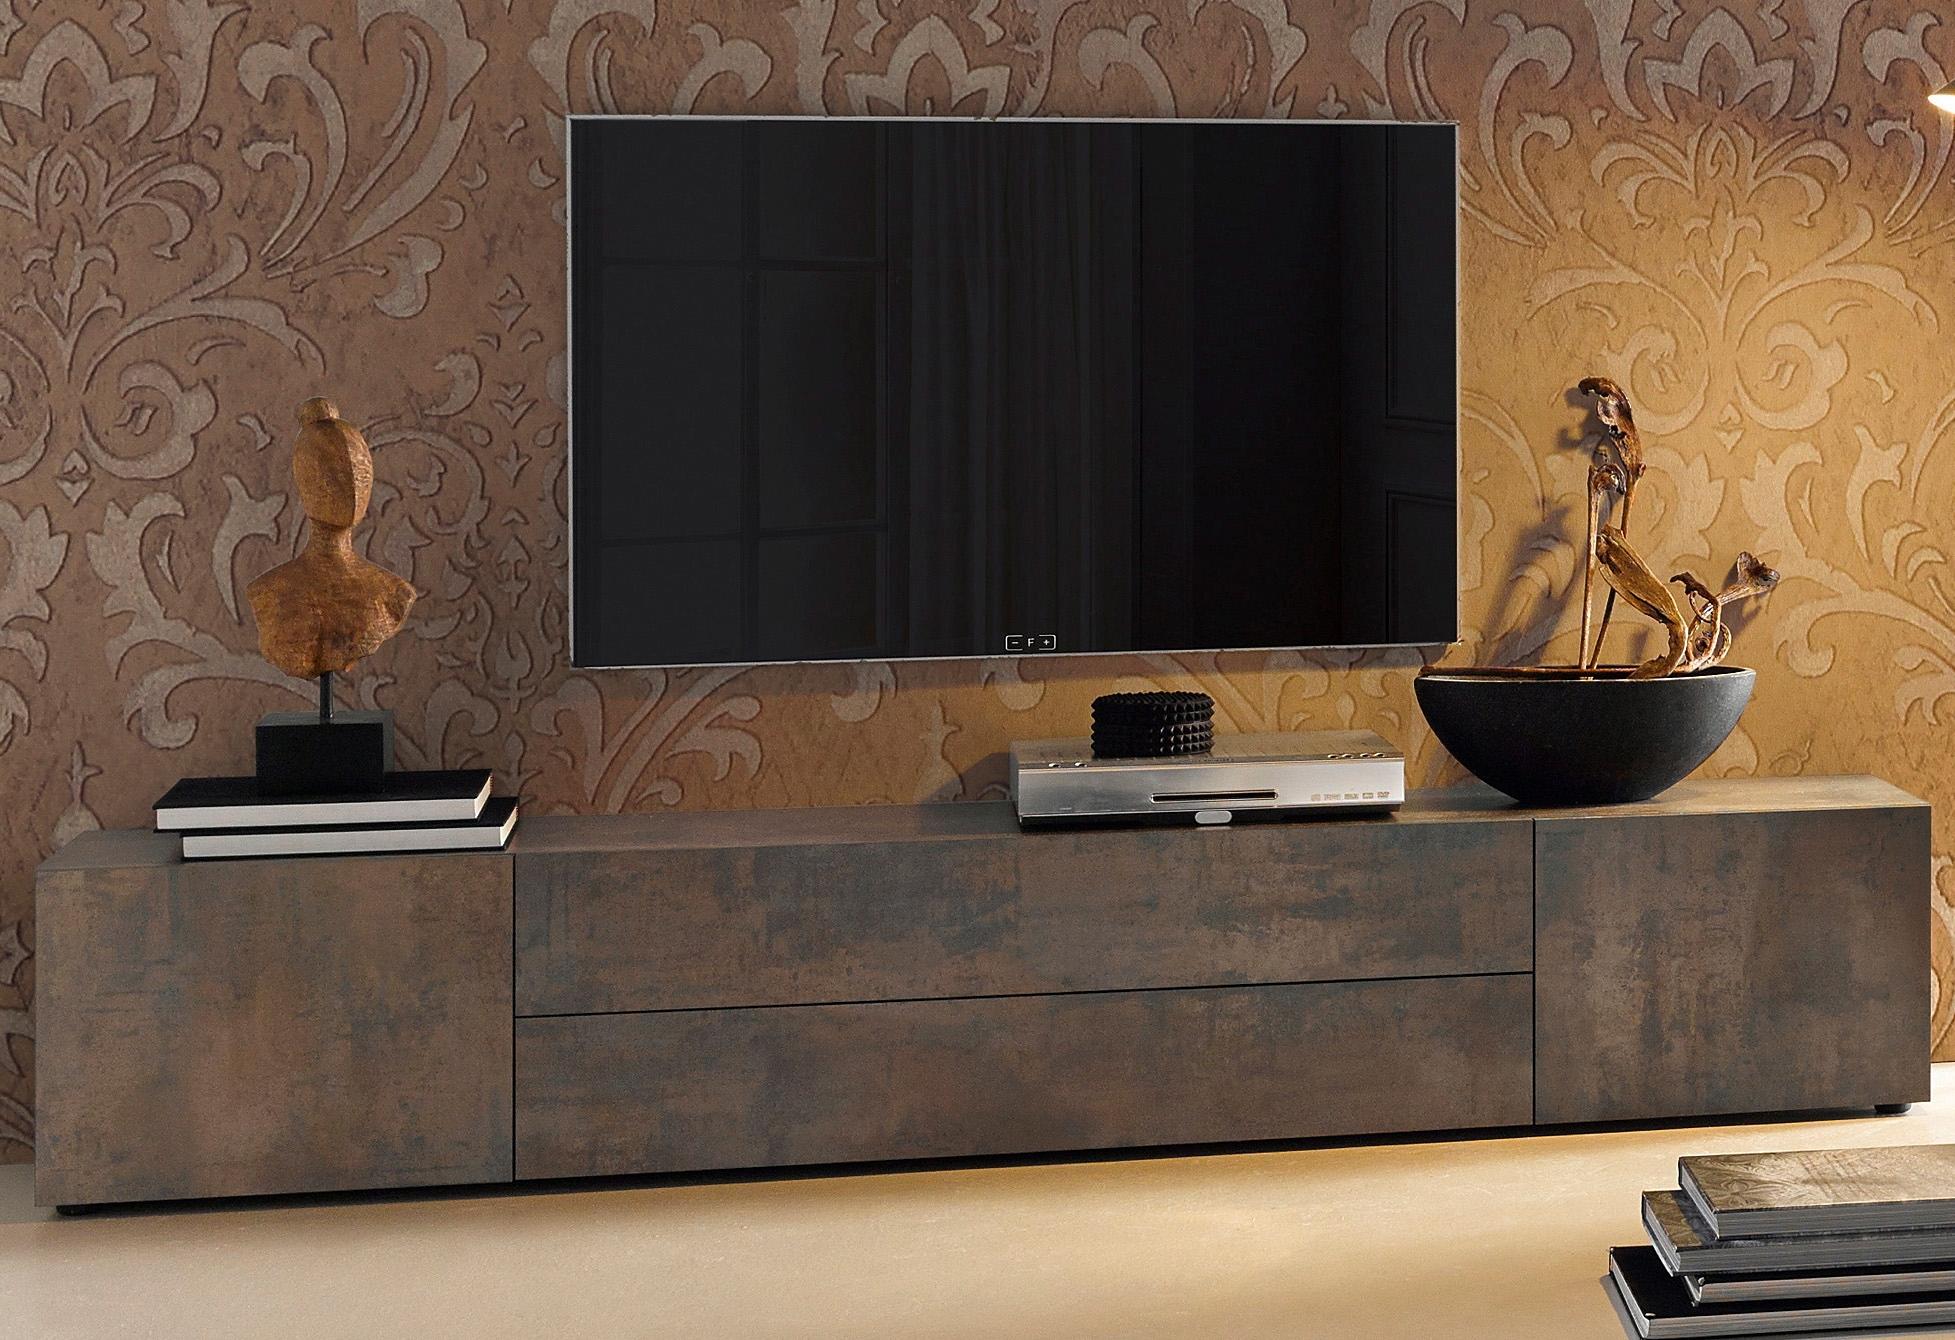 borchardt Möbel tv-meubel goedkoop op otto.nl kopen